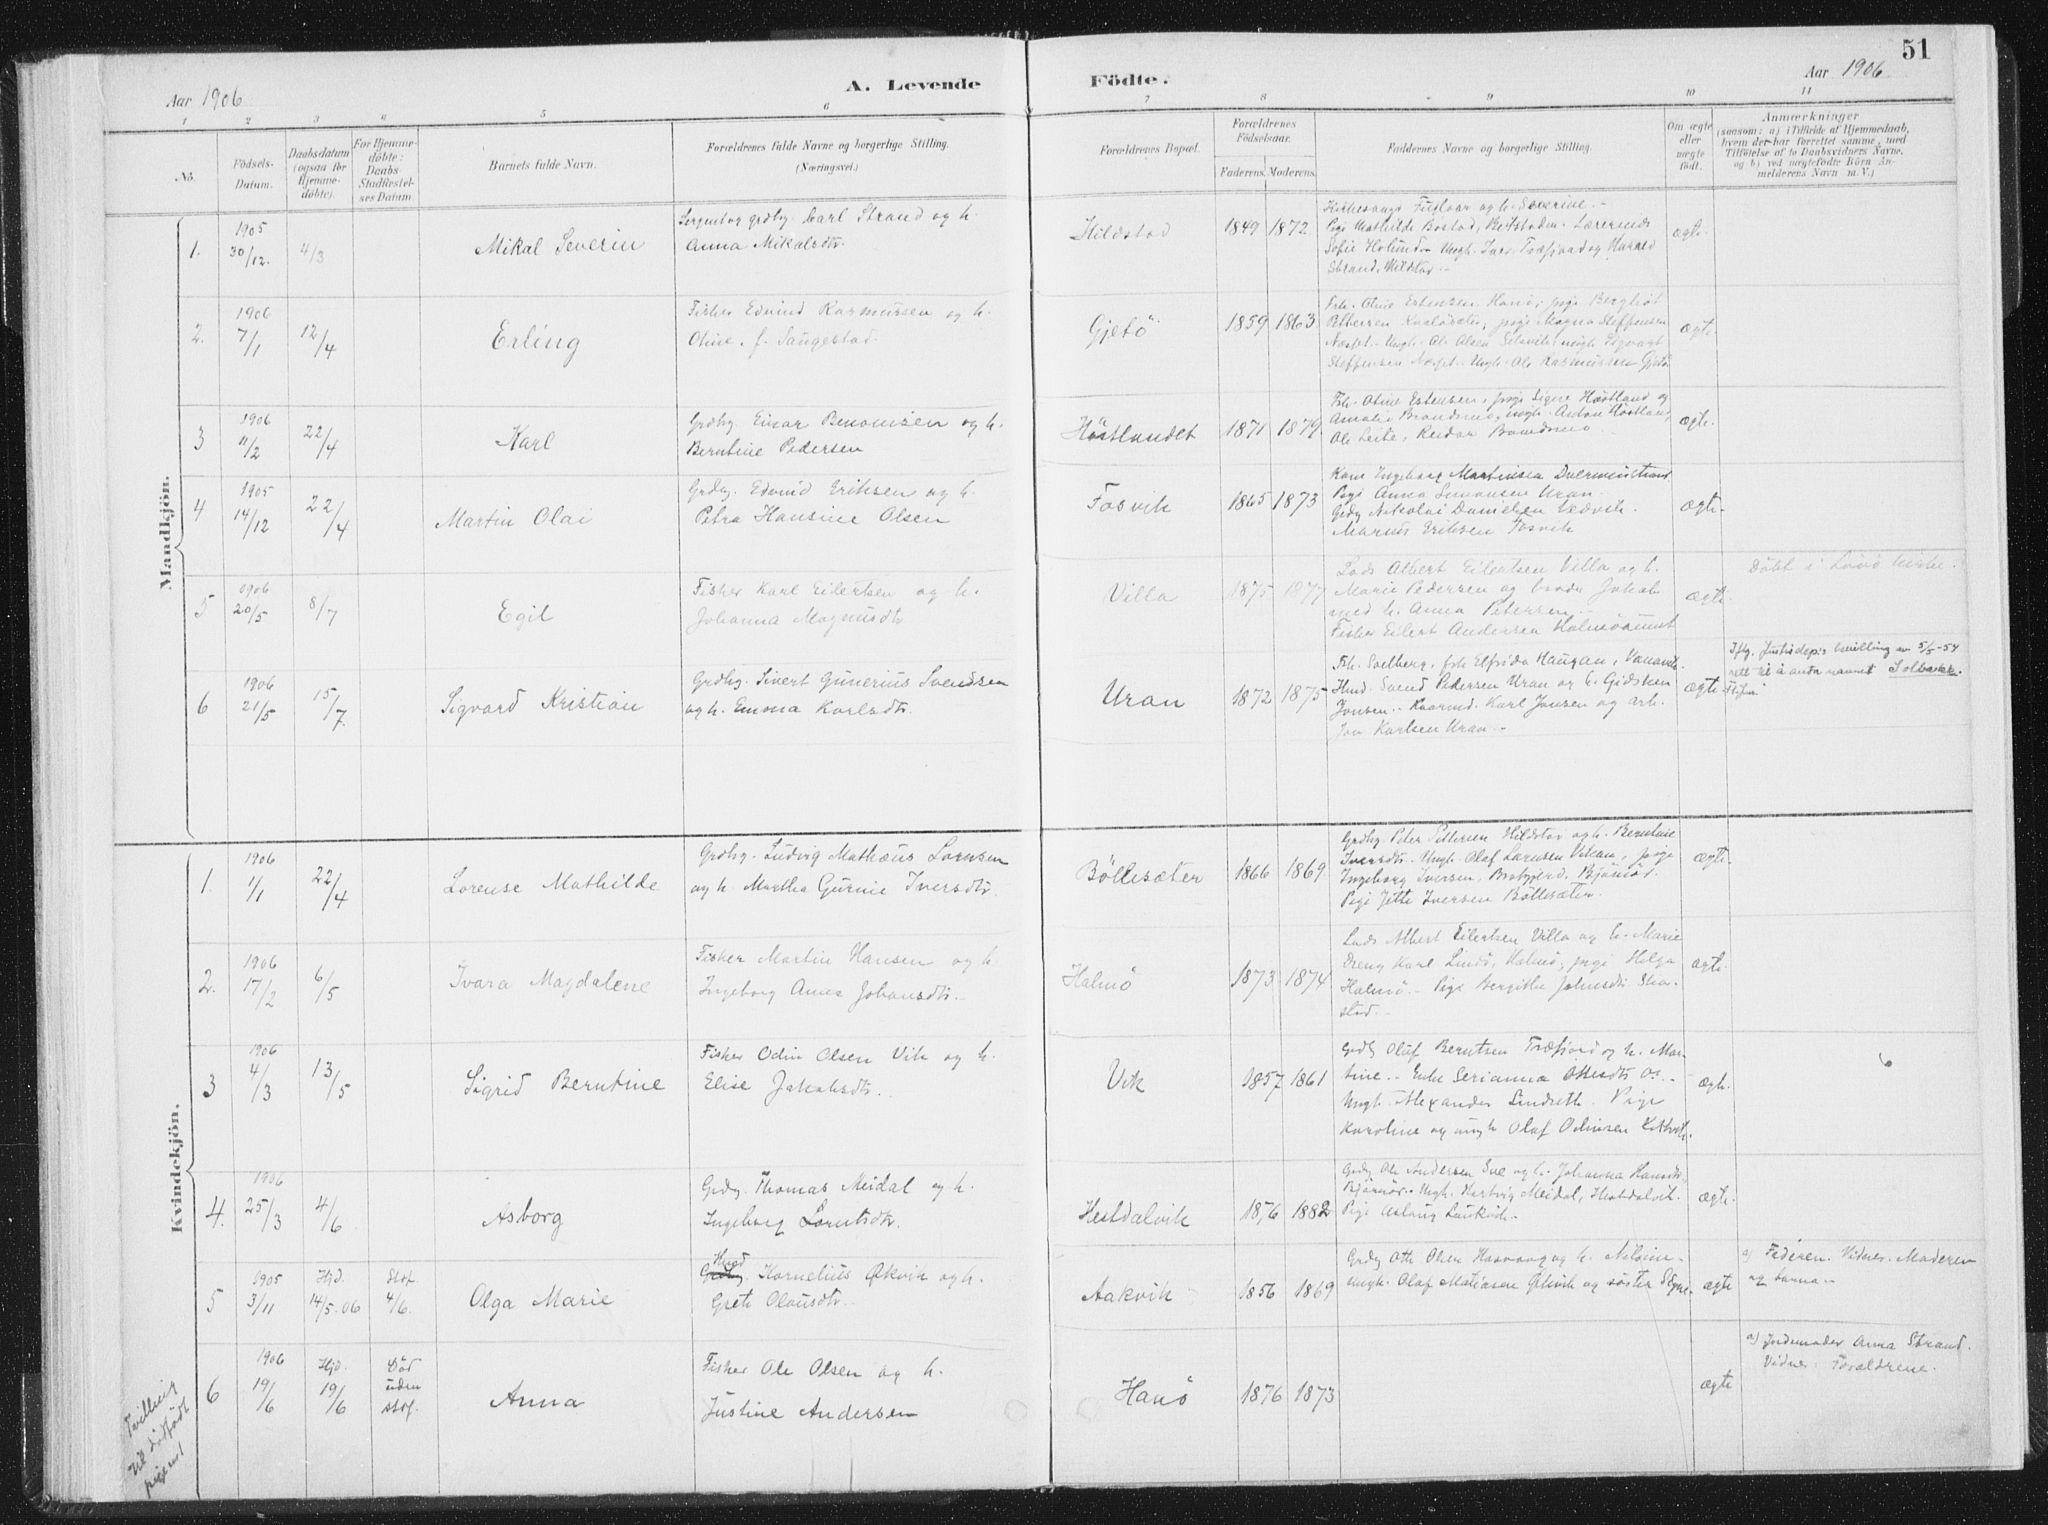 SAT, Ministerialprotokoller, klokkerbøker og fødselsregistre - Nord-Trøndelag, 771/L0597: Ministerialbok nr. 771A04, 1885-1910, s. 51